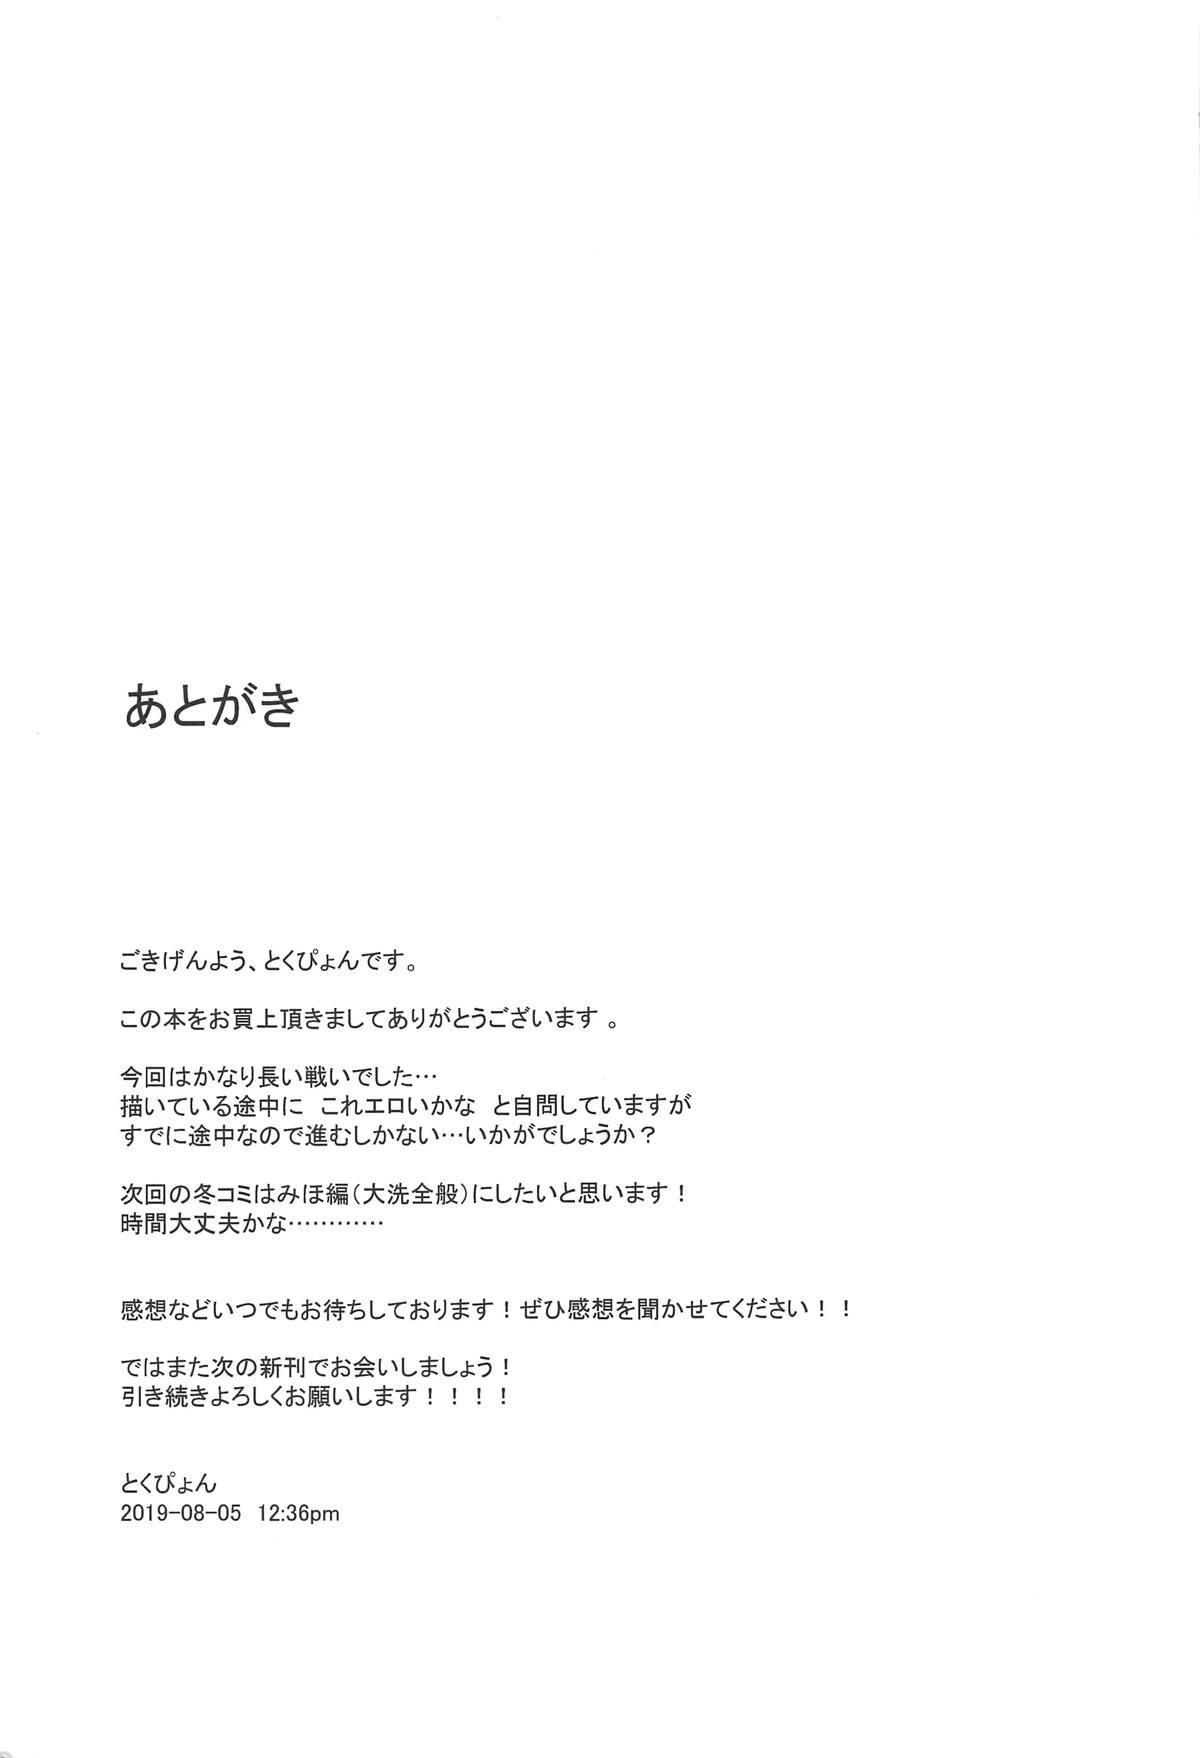 (C96) [chested (Tokupyon)] Nishizumi-ryuu Iemoto no Sodatekata - Maho no Baai Ge (Girls und Panzer) 26